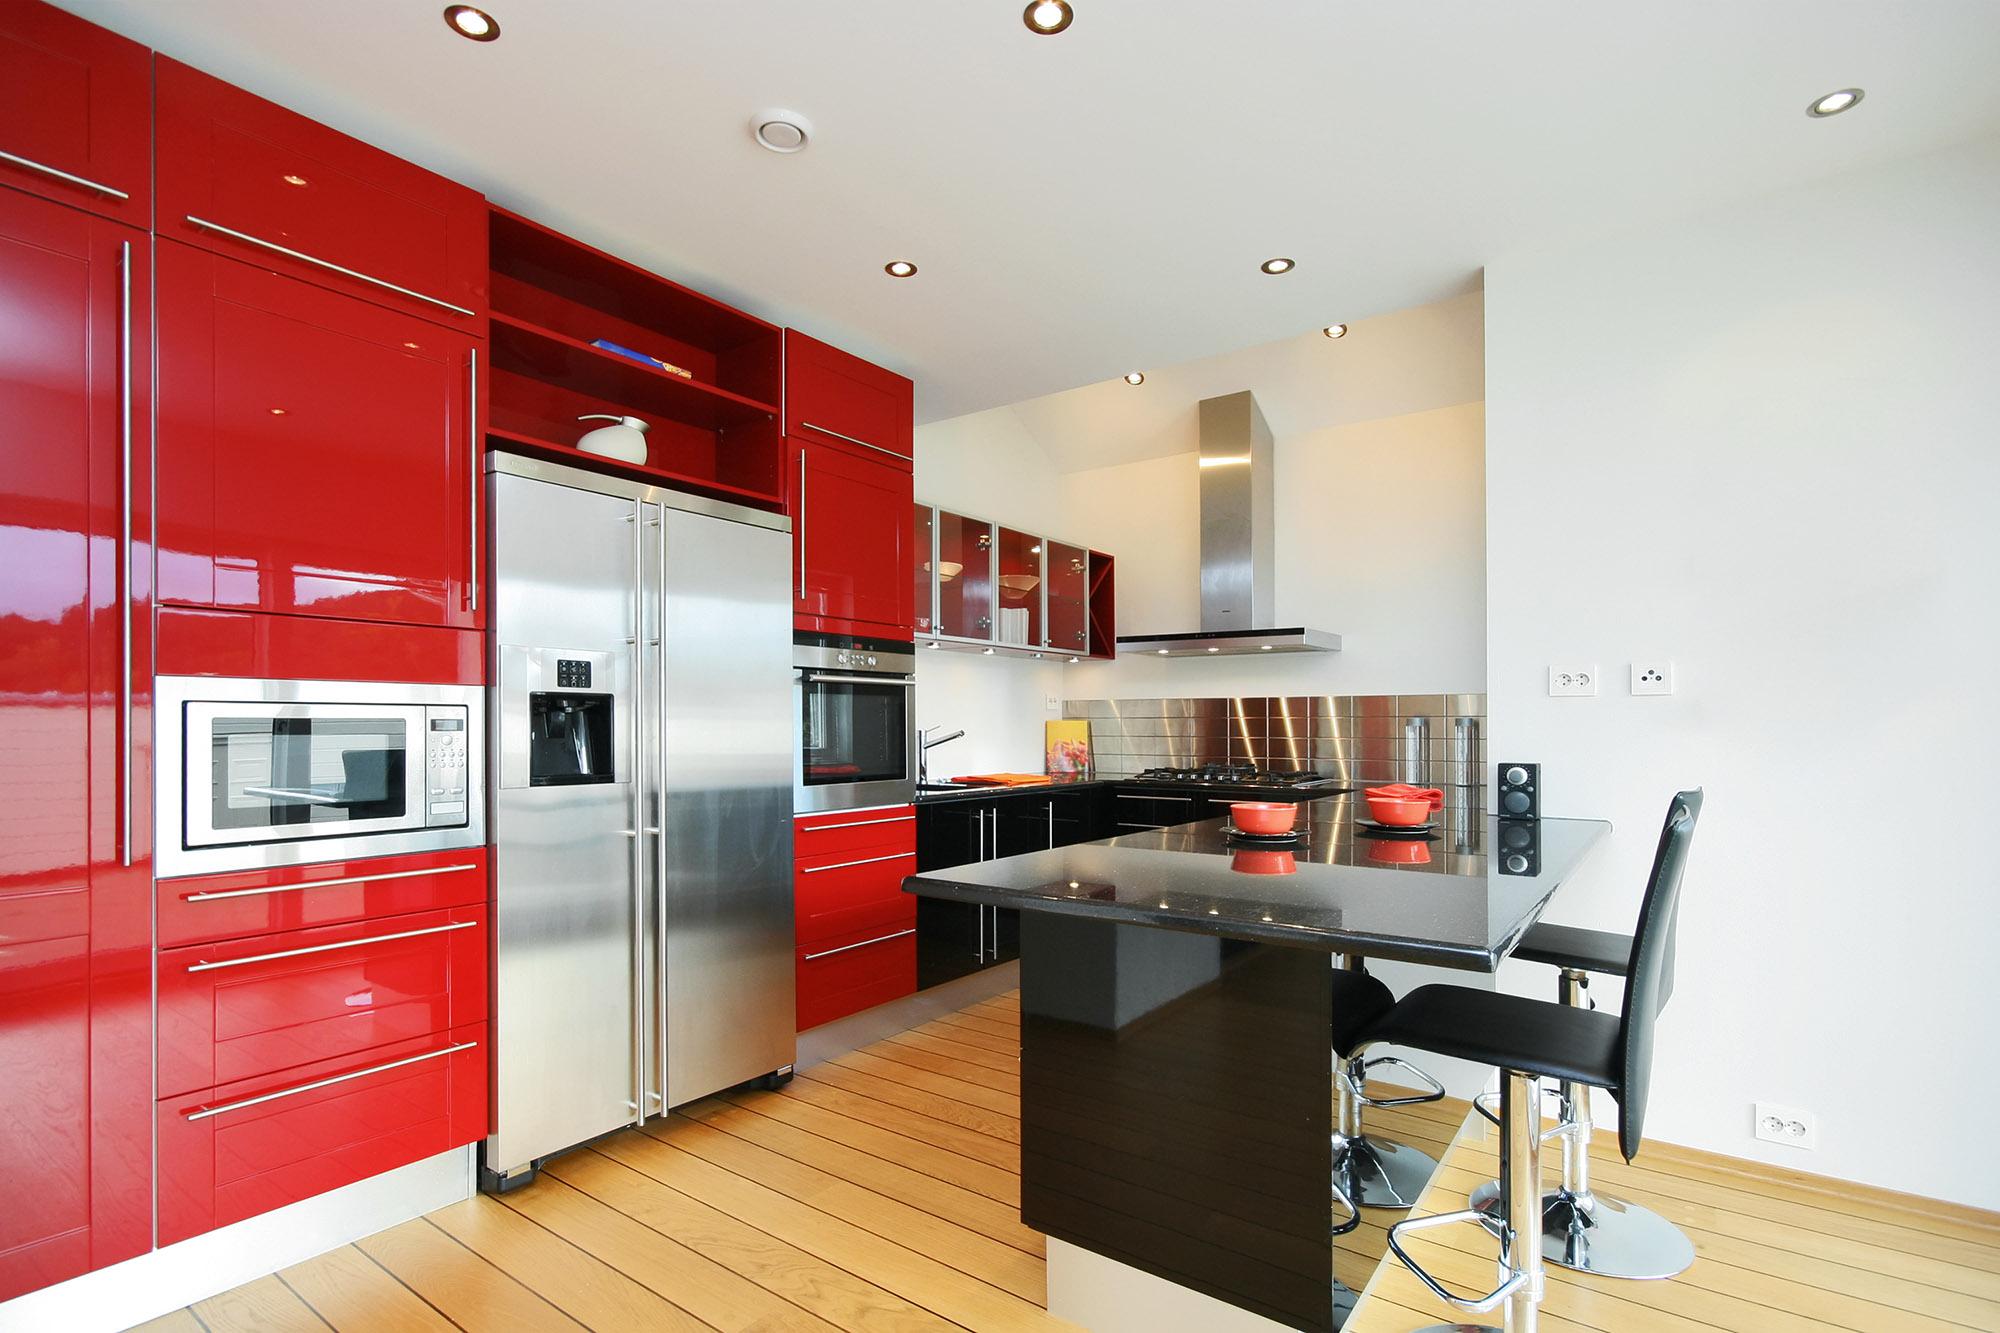 Красный кухонный гарнитур с черной и металлической мебелью на кухне